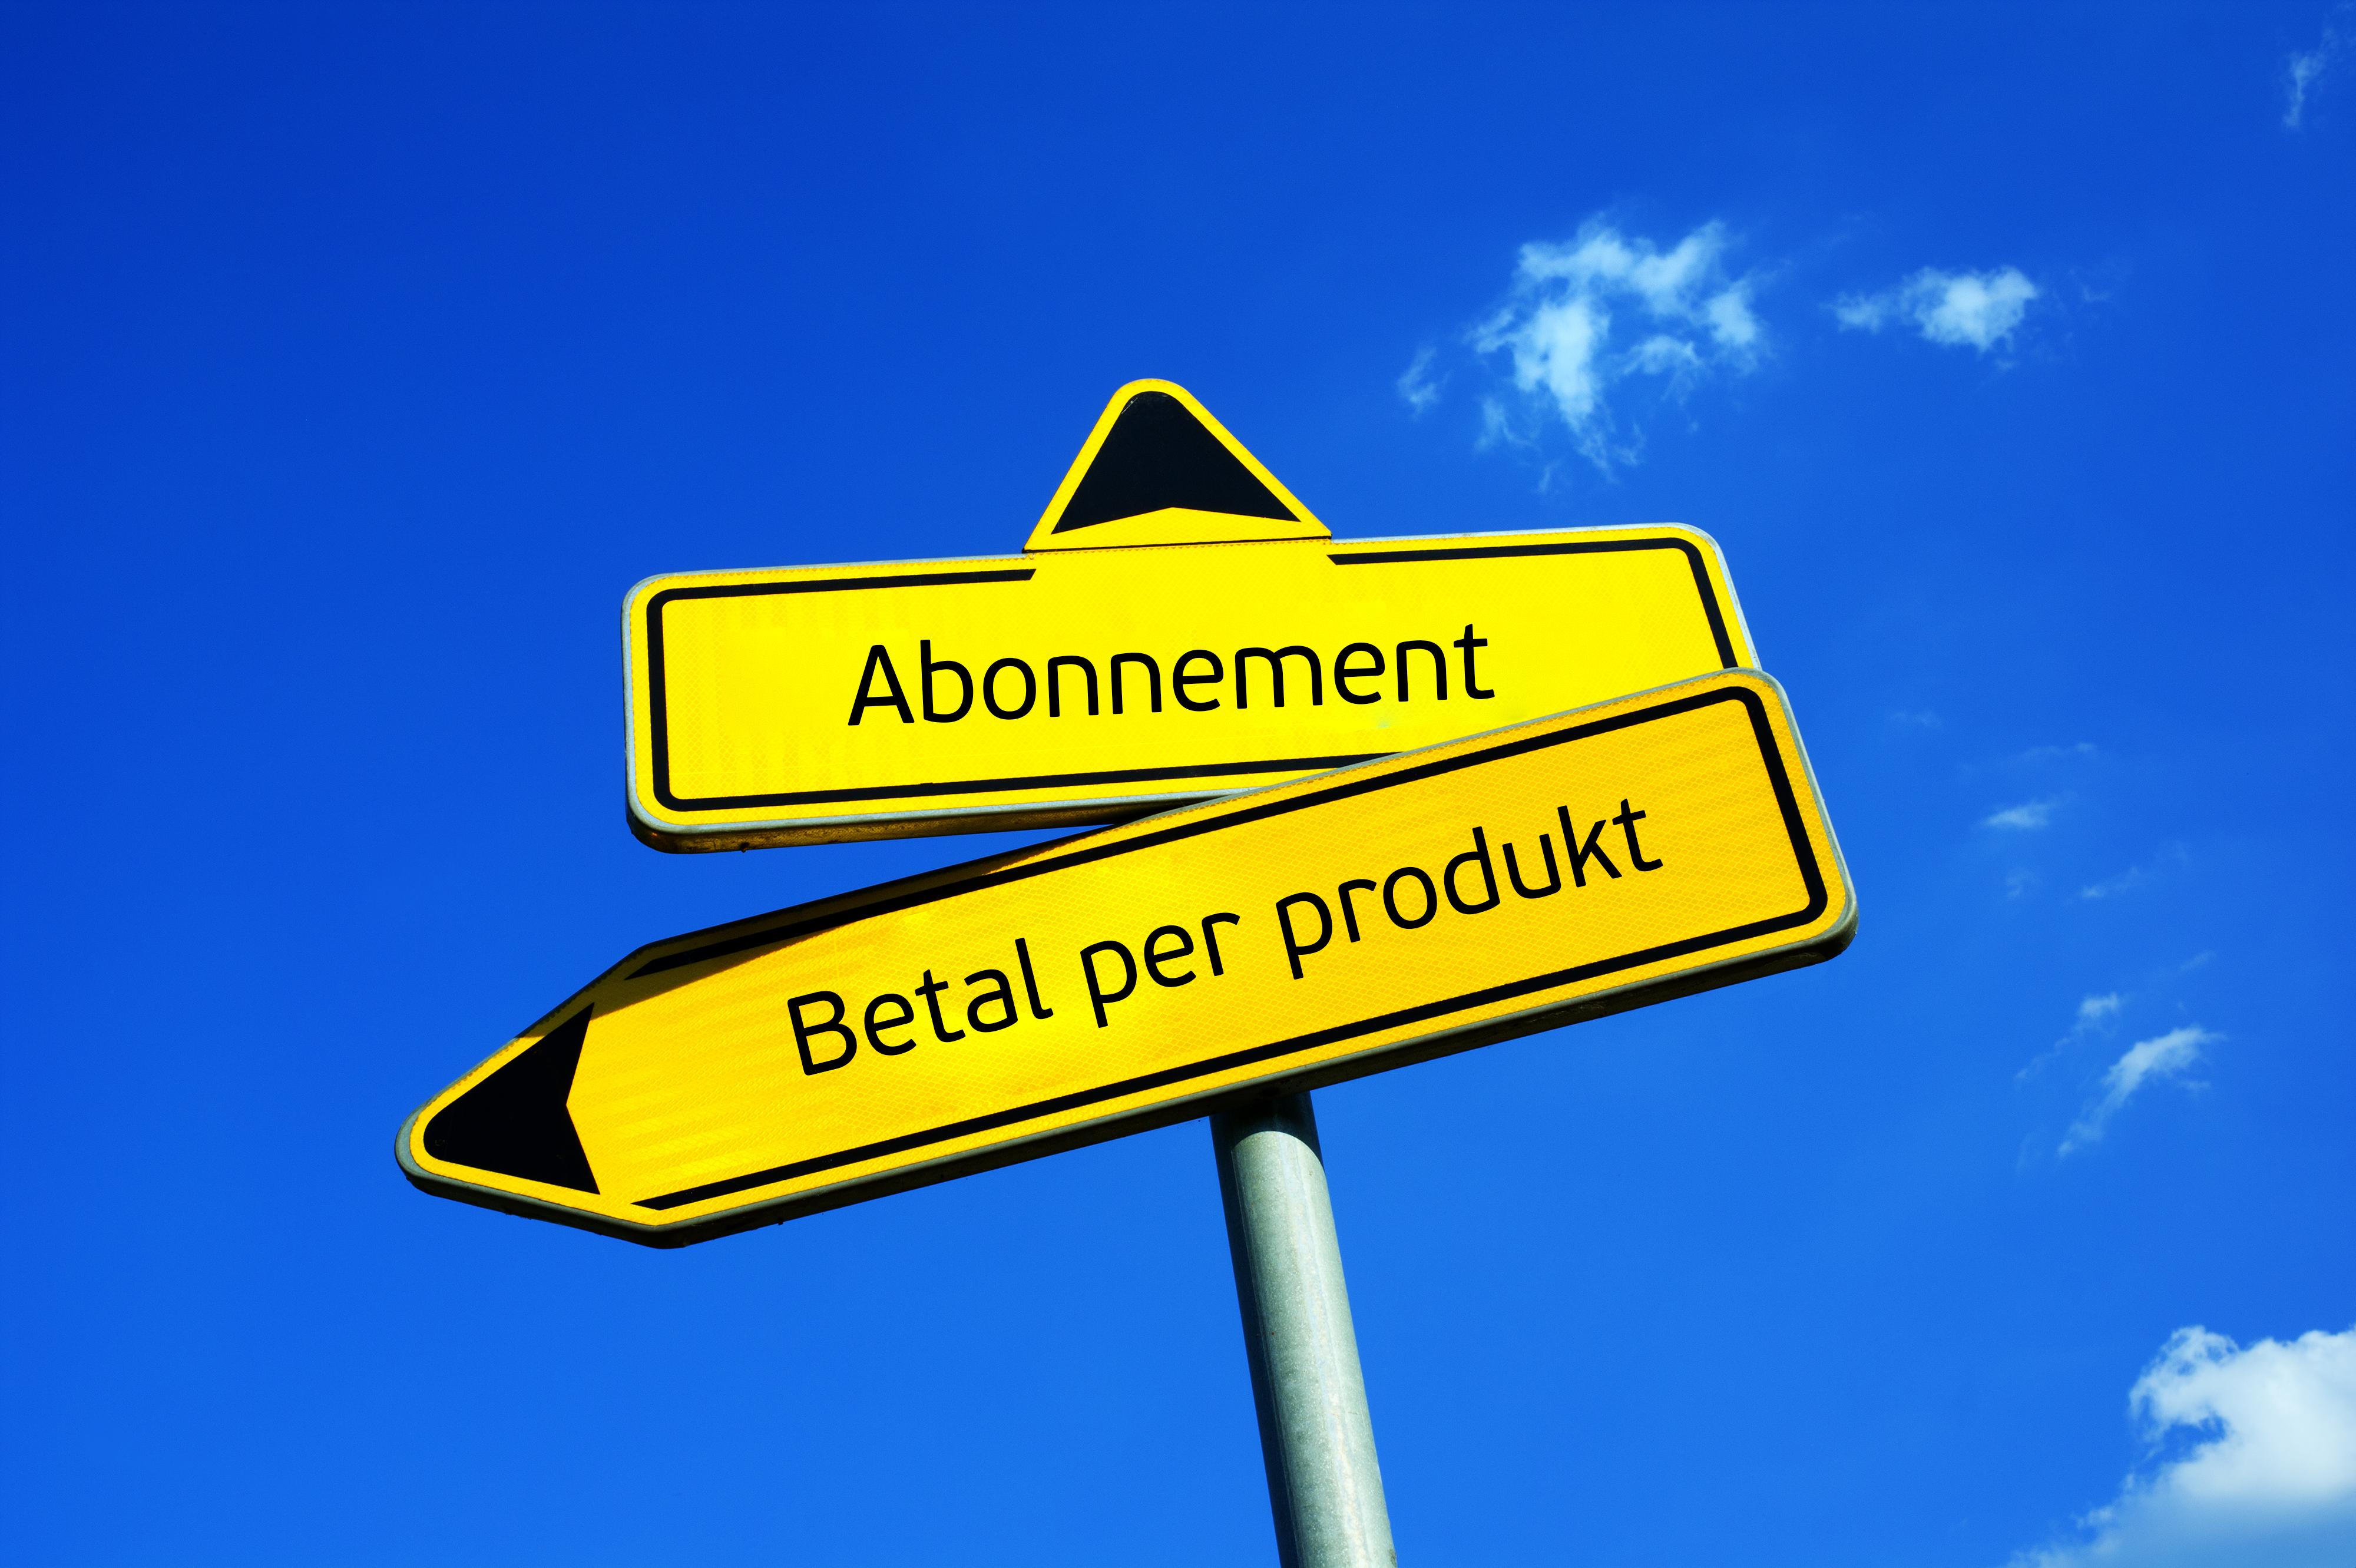 Abonnement som forretningsmodell